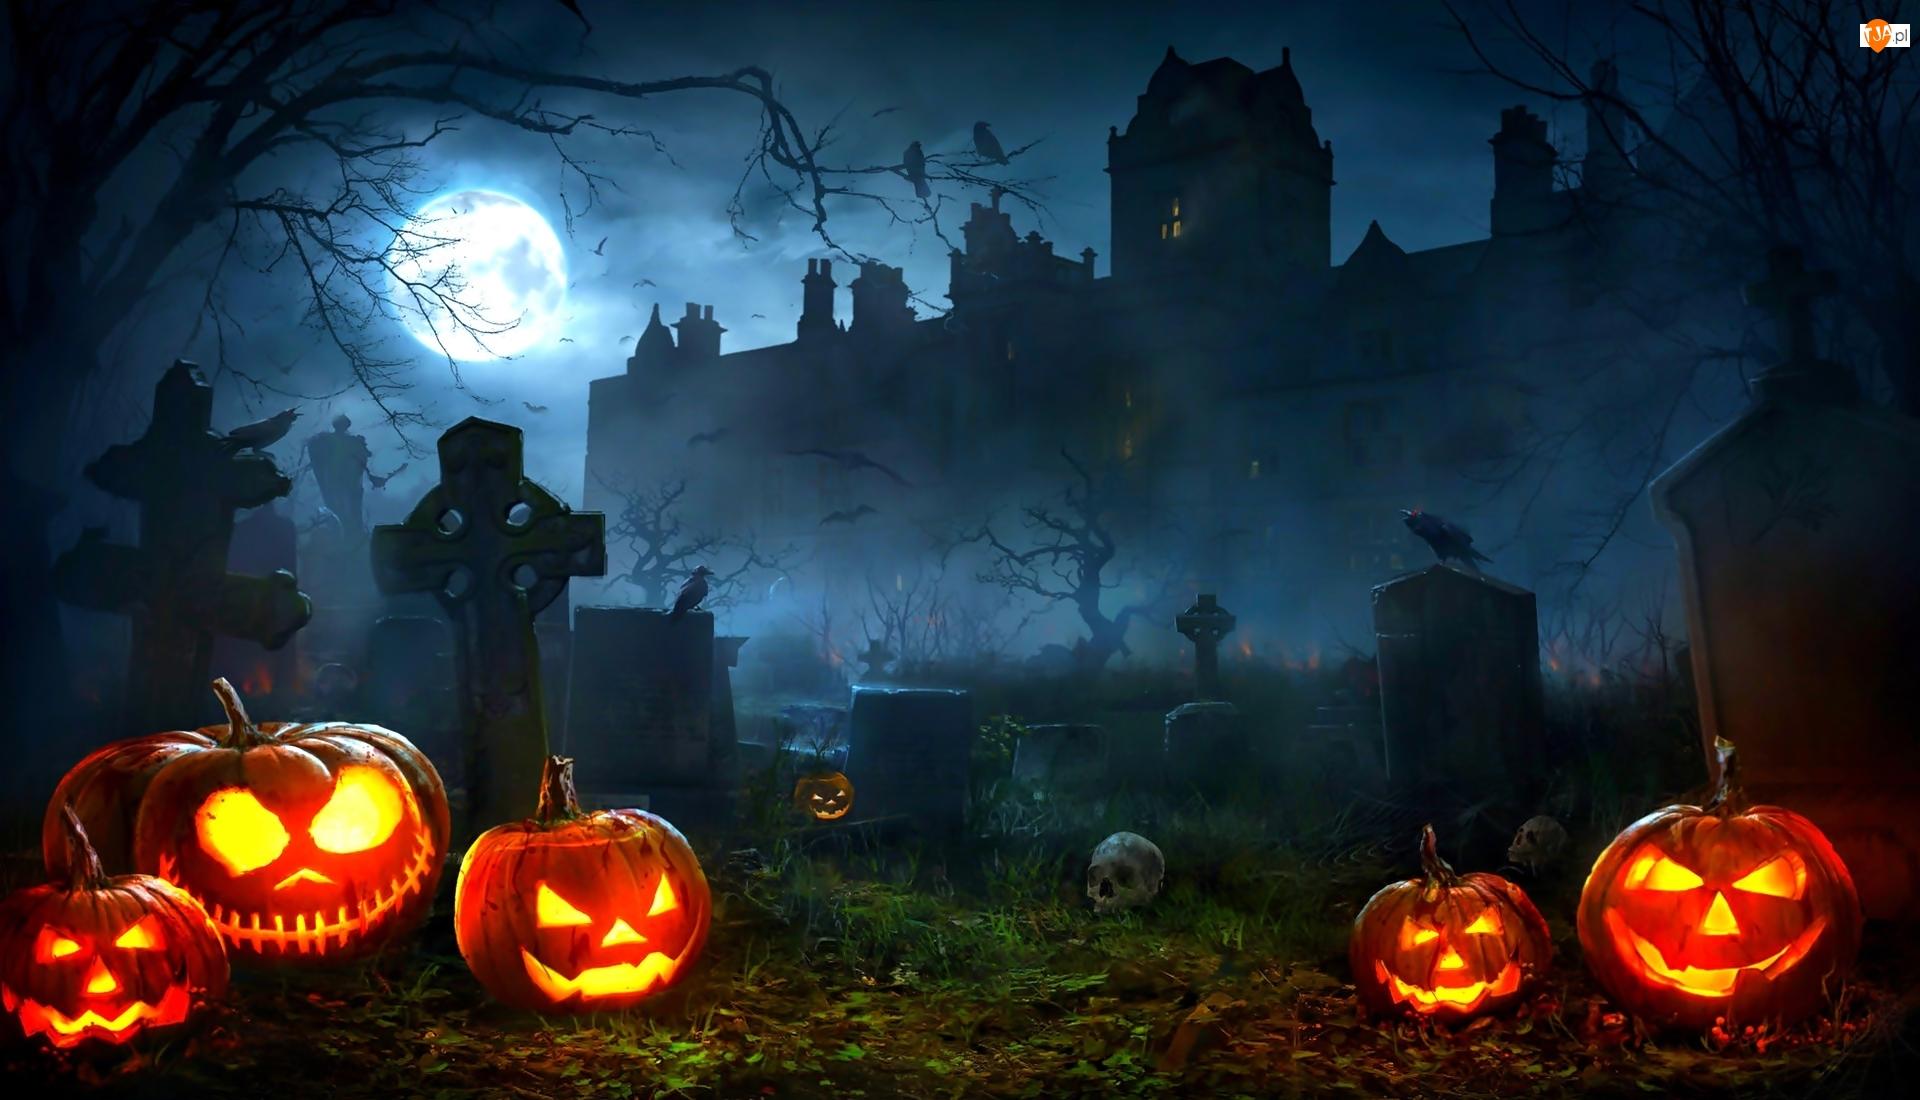 Cmentarz, Dynie, Księżyc, Halloween, Noc, Zamek, Mgła